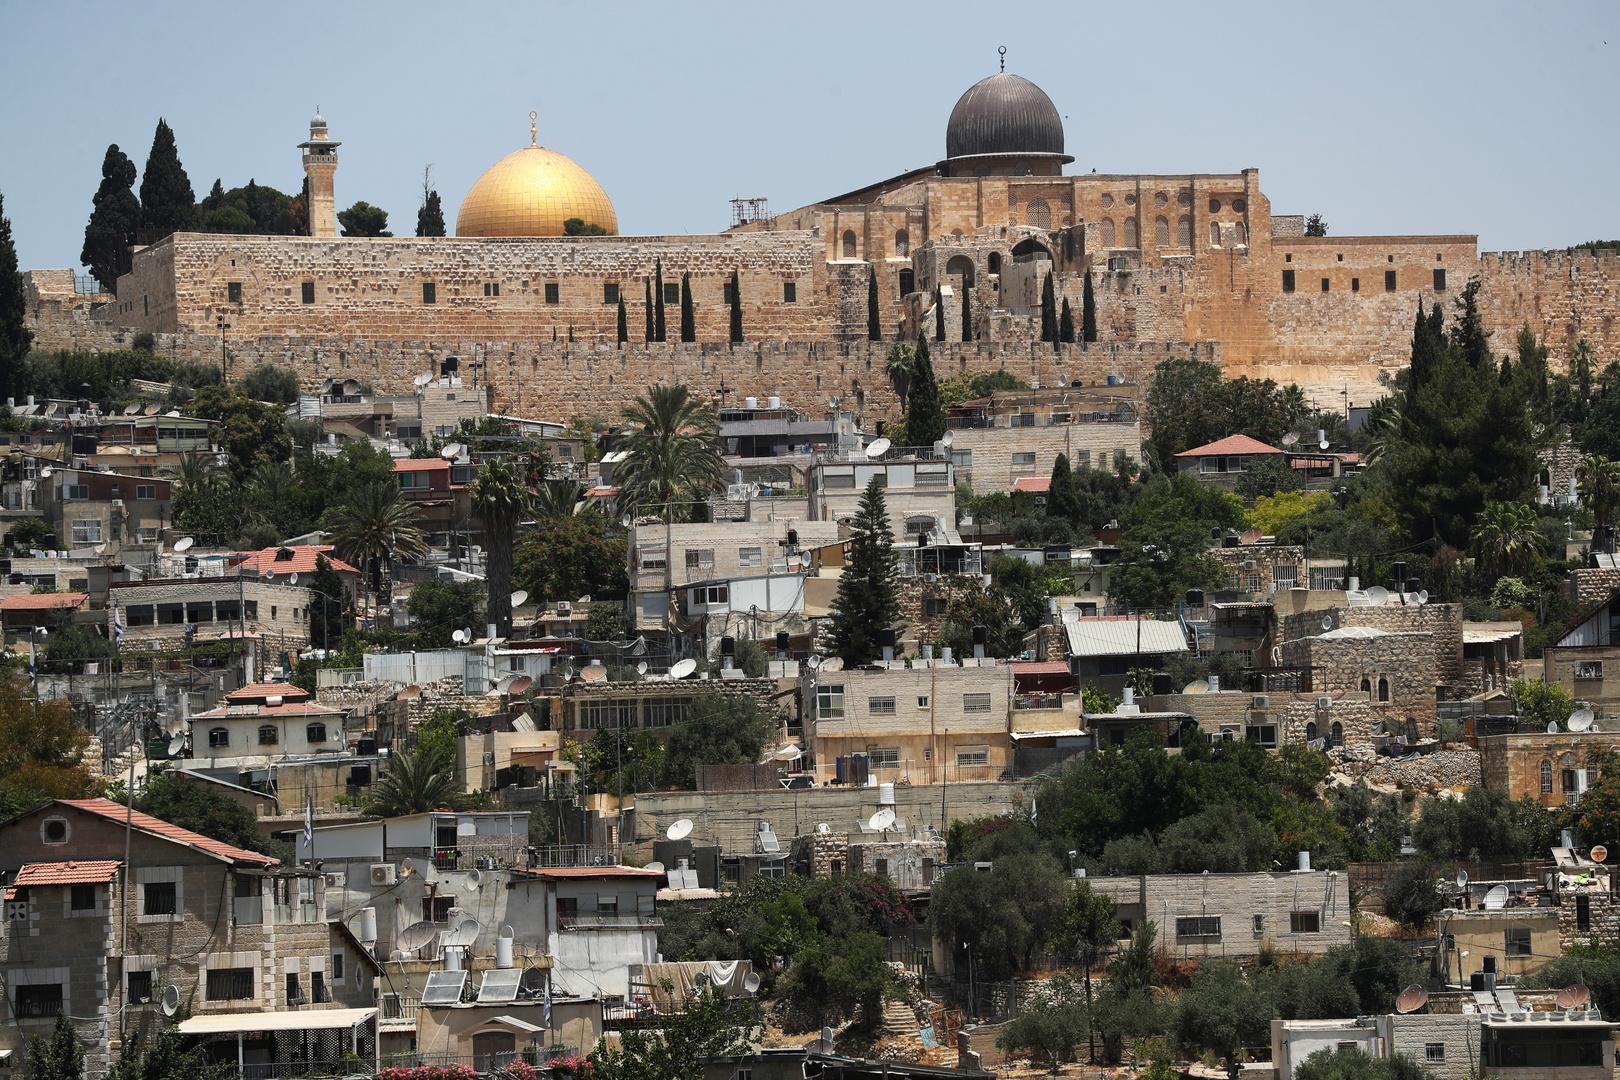 القوات الإسرائيلية تغلق حي الشيخ جراح بشكل كامل في القدس الشرقية (فيديوهات)